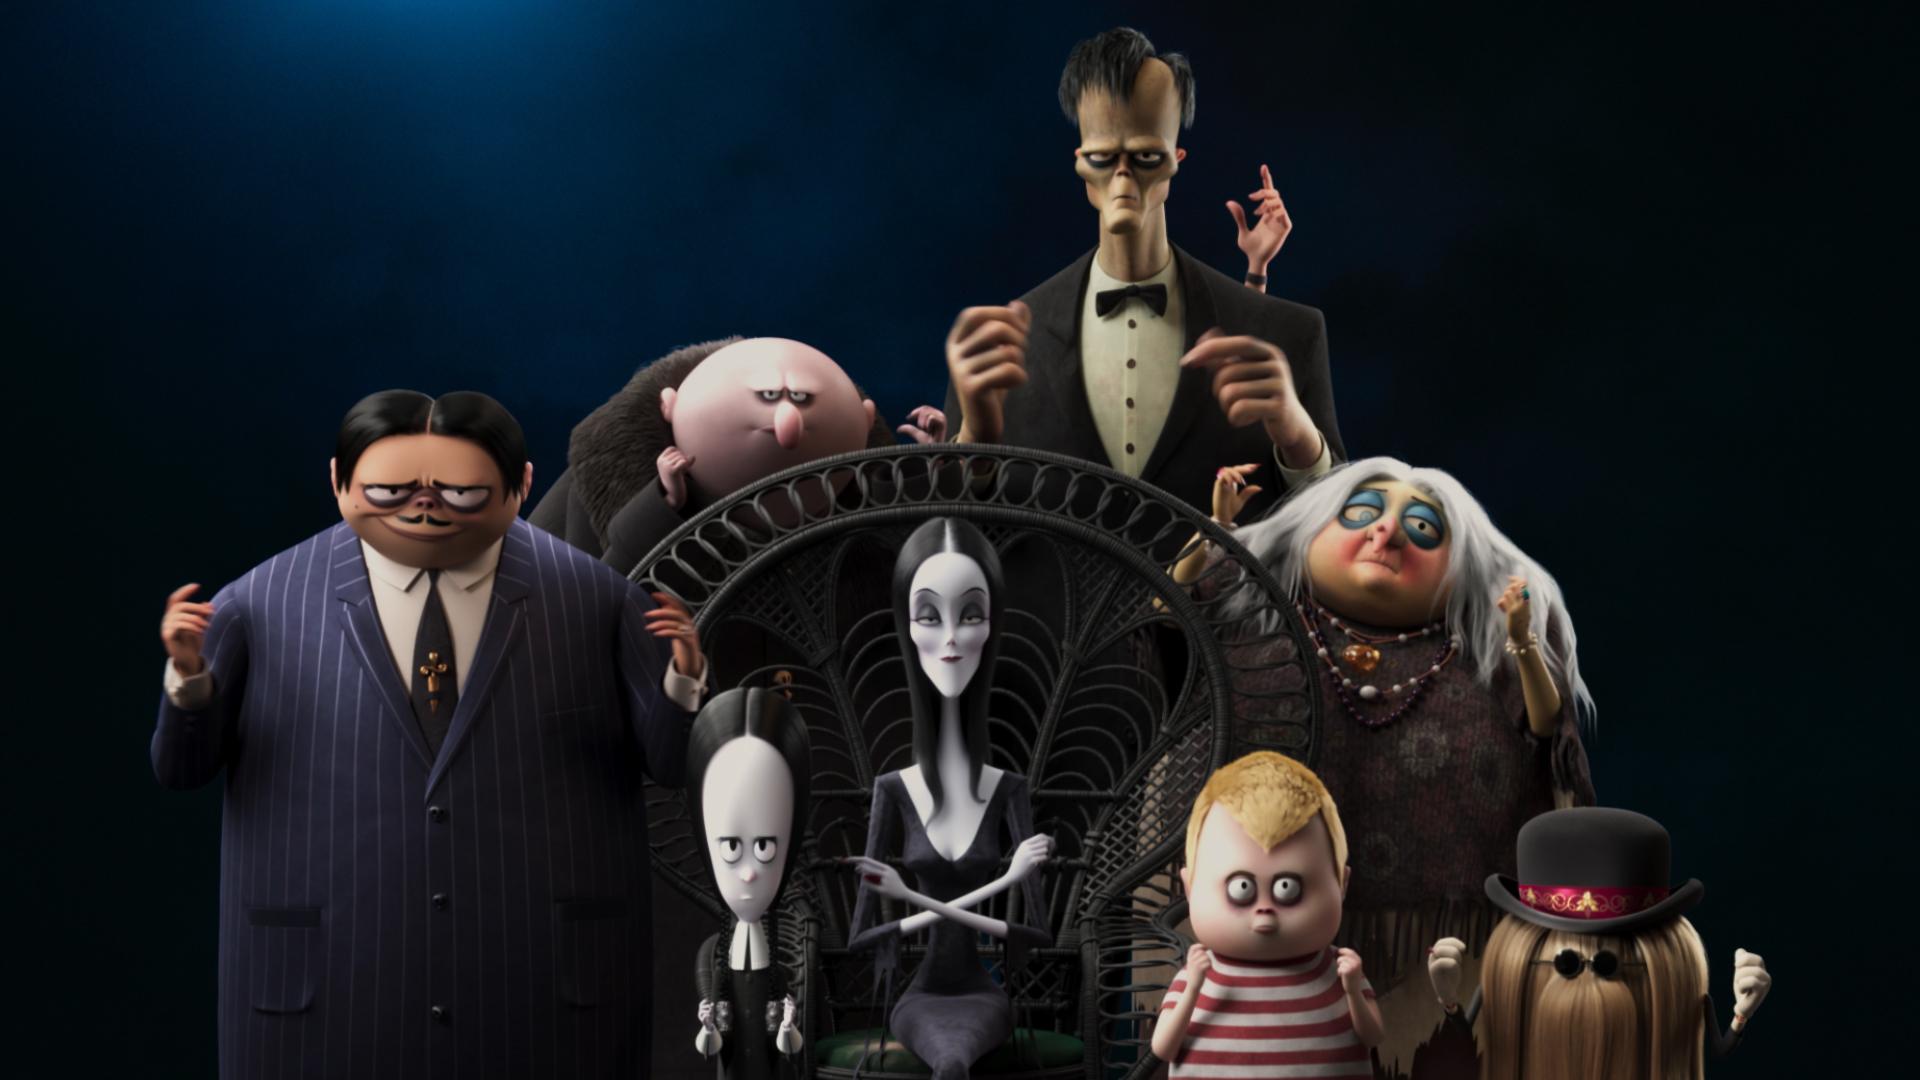 """Презентуємо офіційний трейлер та постер анімації """"Родина Адамсів 2"""""""